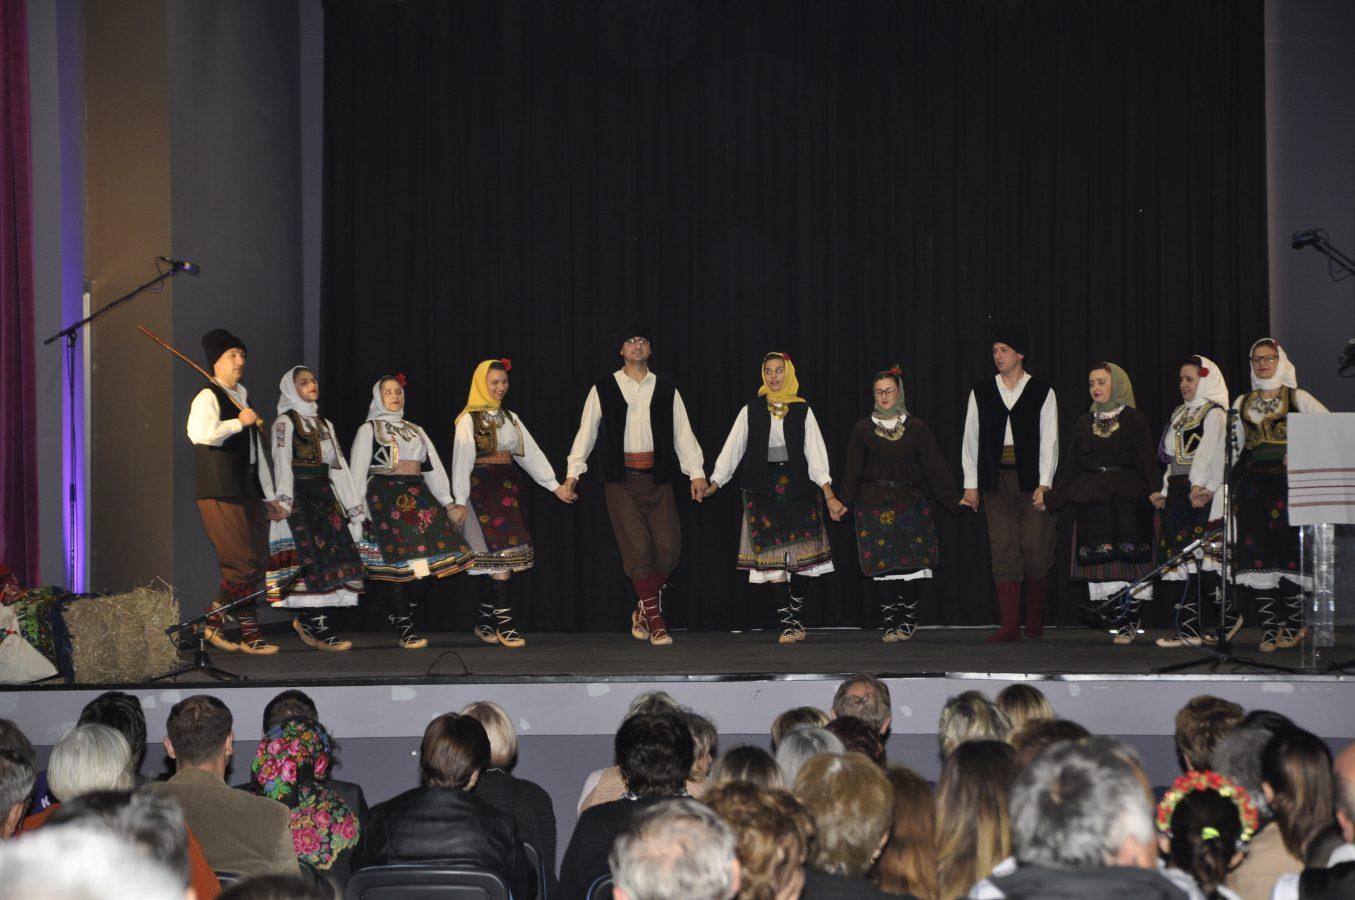 Festival manjina (12)